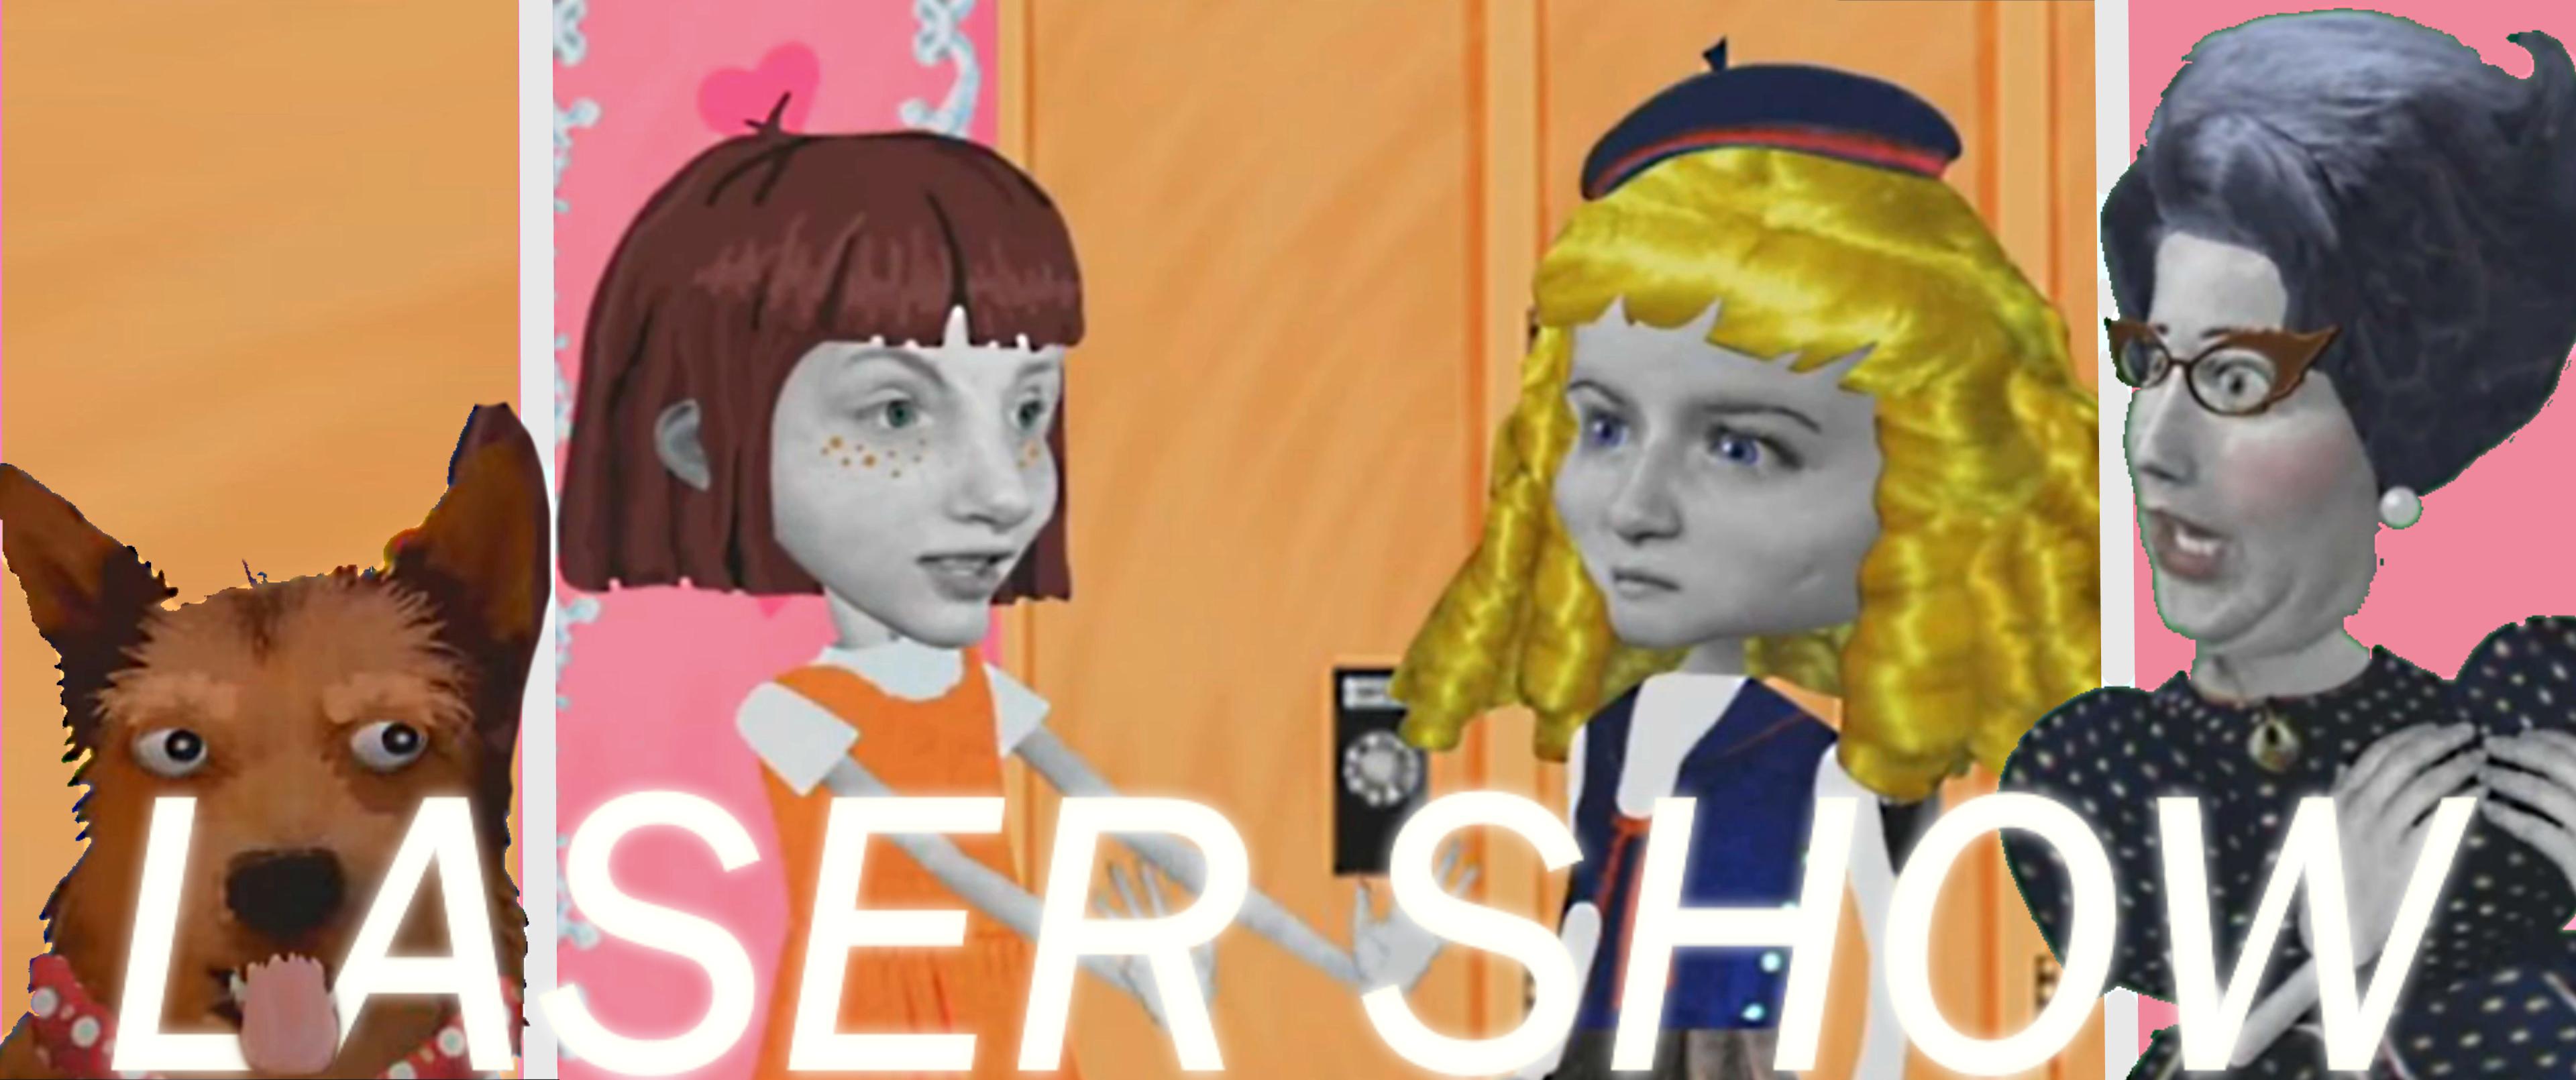 Laser Show 046: Angela Anaconda – Der Schrecken der Kindheit